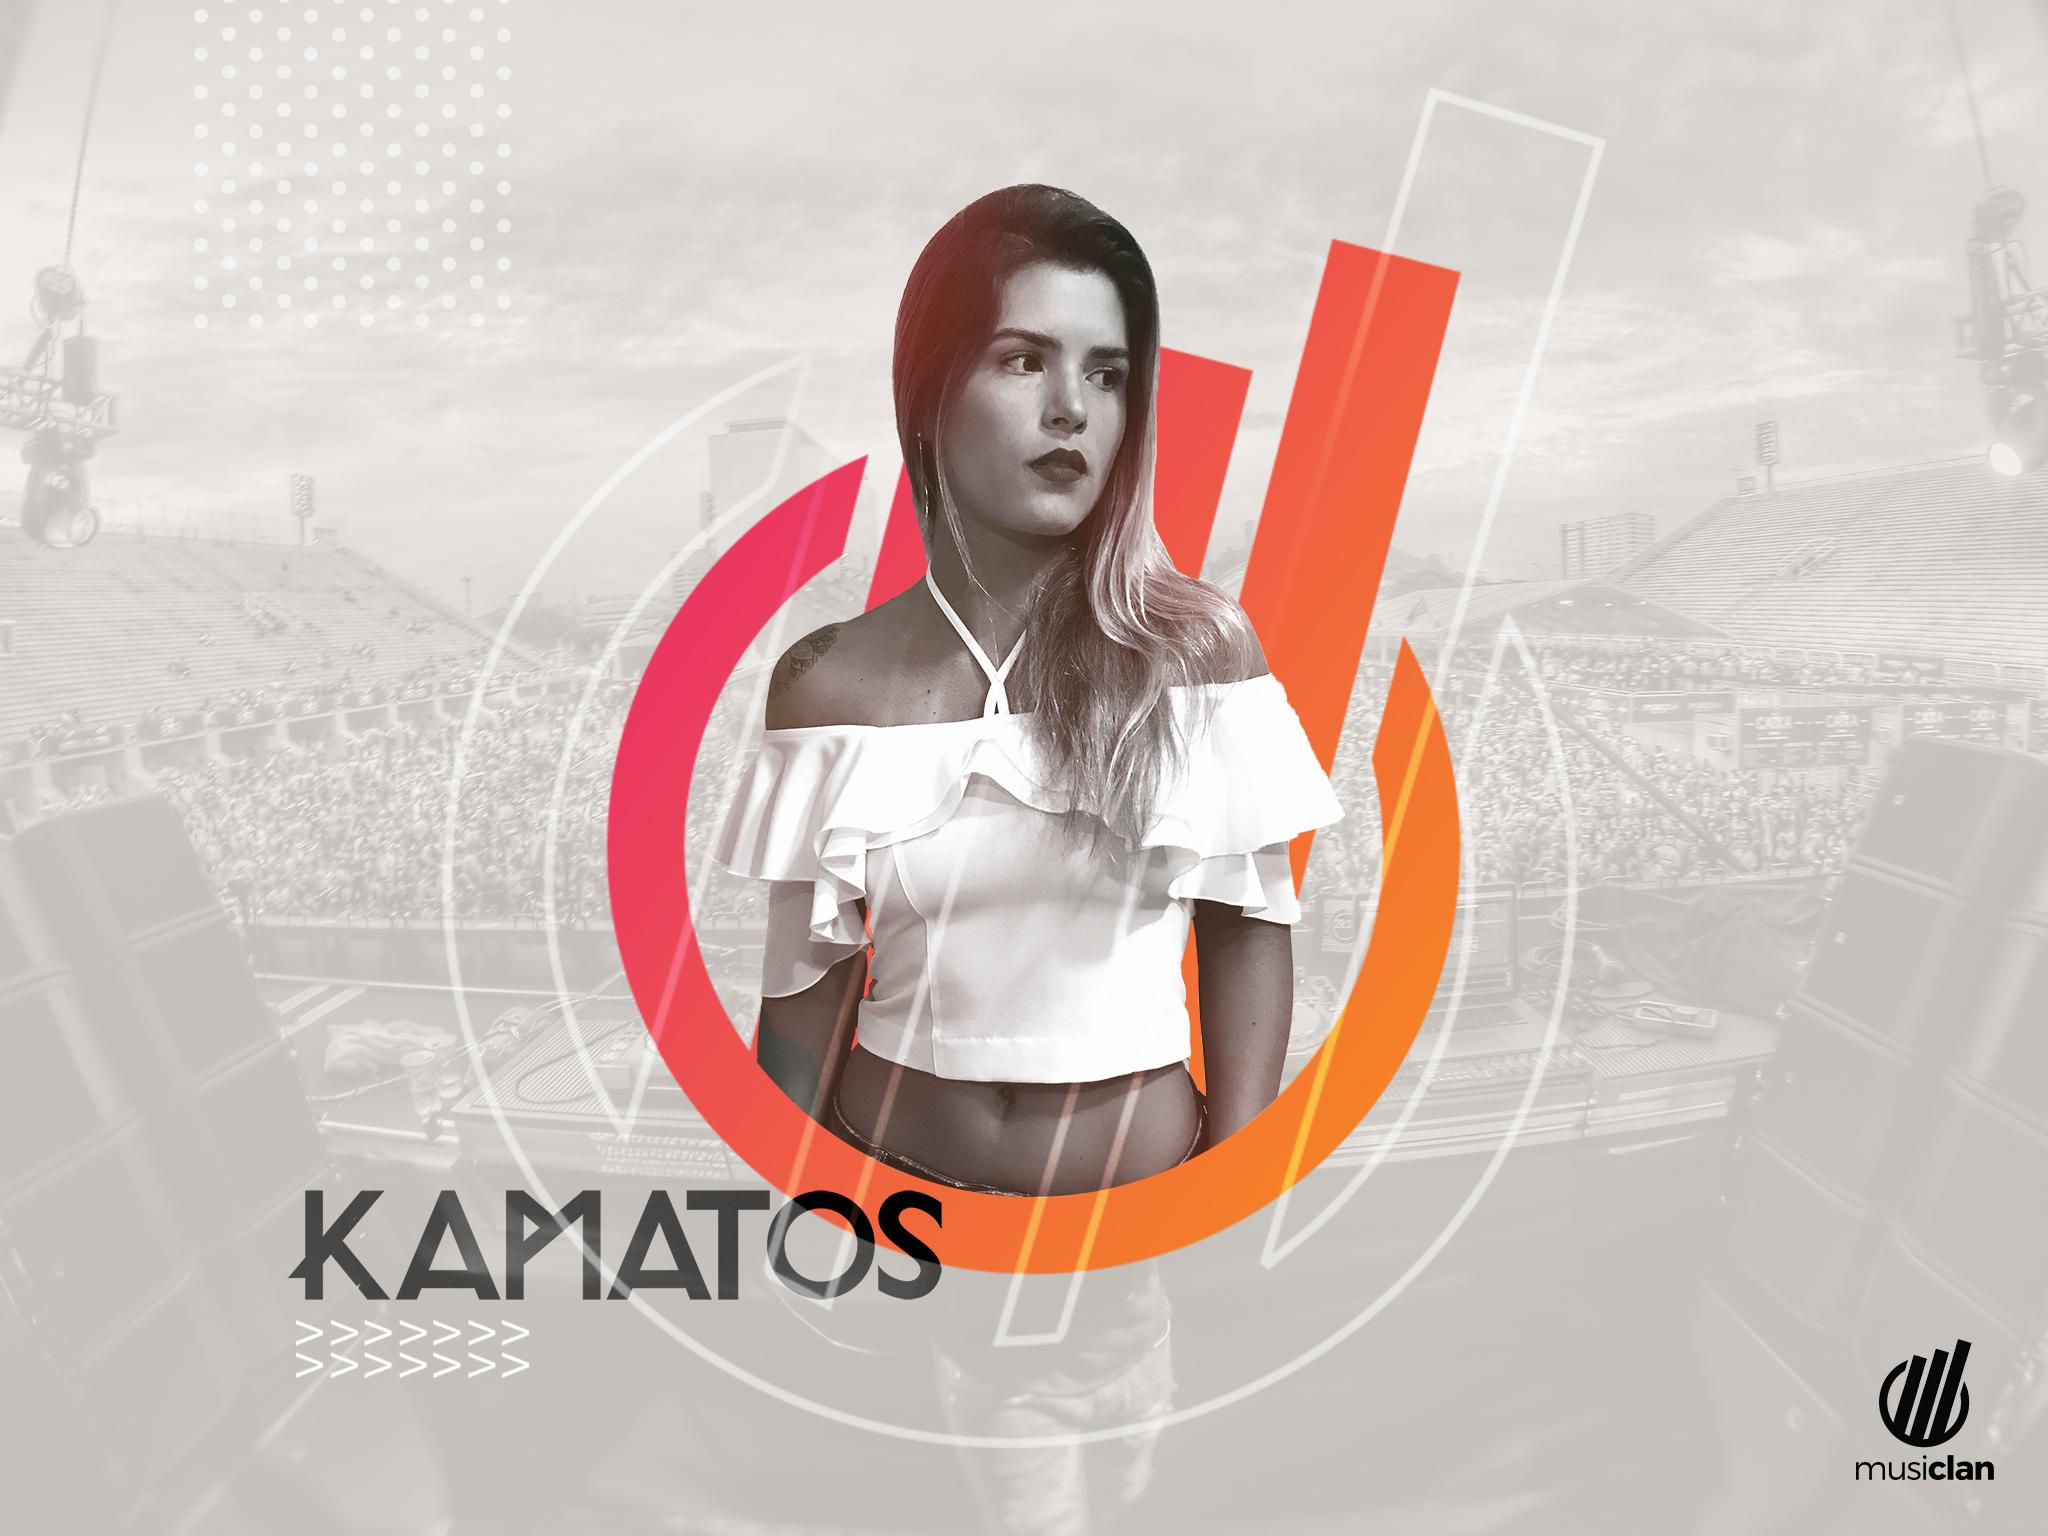 kamatos-ppt.png